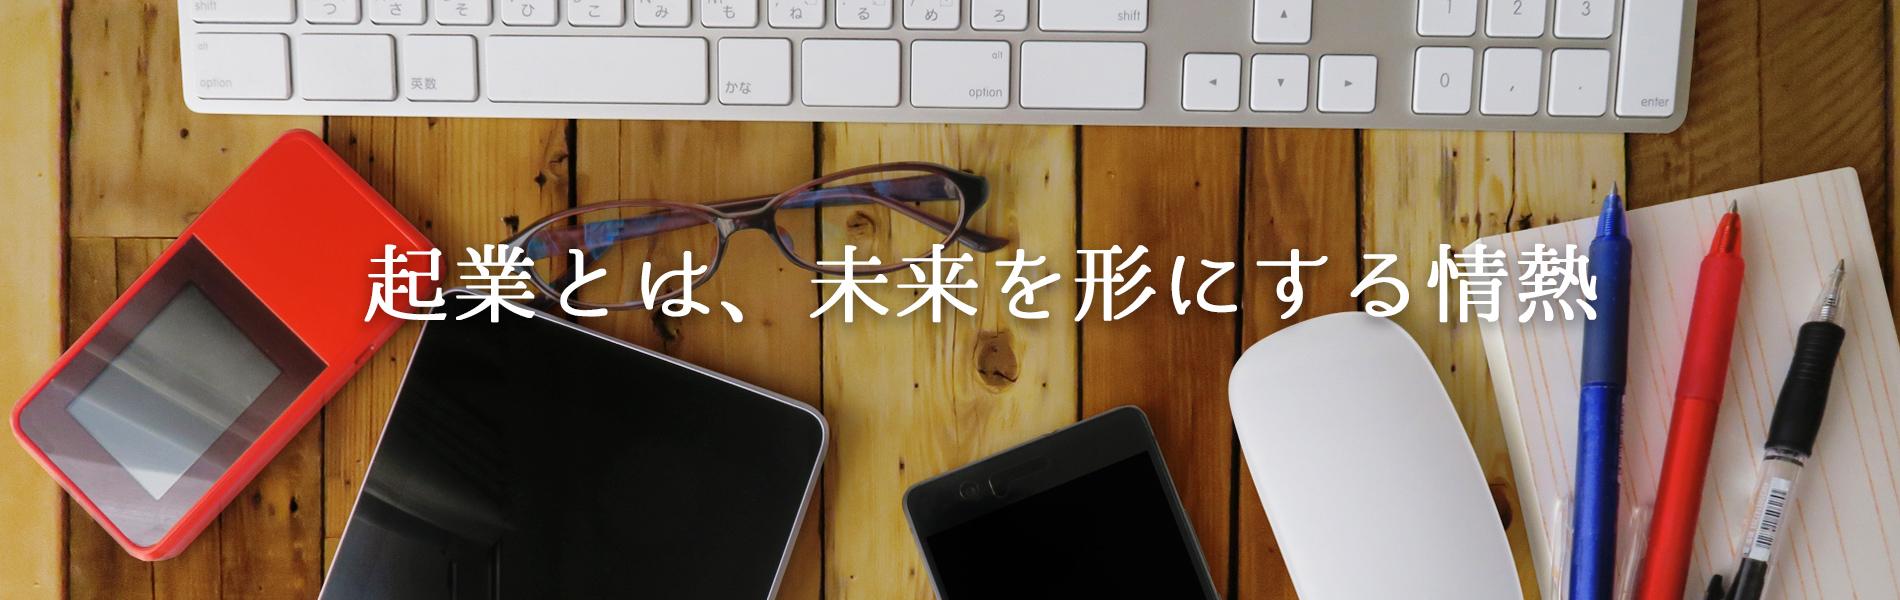 奈良・京都・大阪・兵庫で会社設立、独立、起業をお考えの方は税理士事務所SBLにお気軽にお問い合わせください。